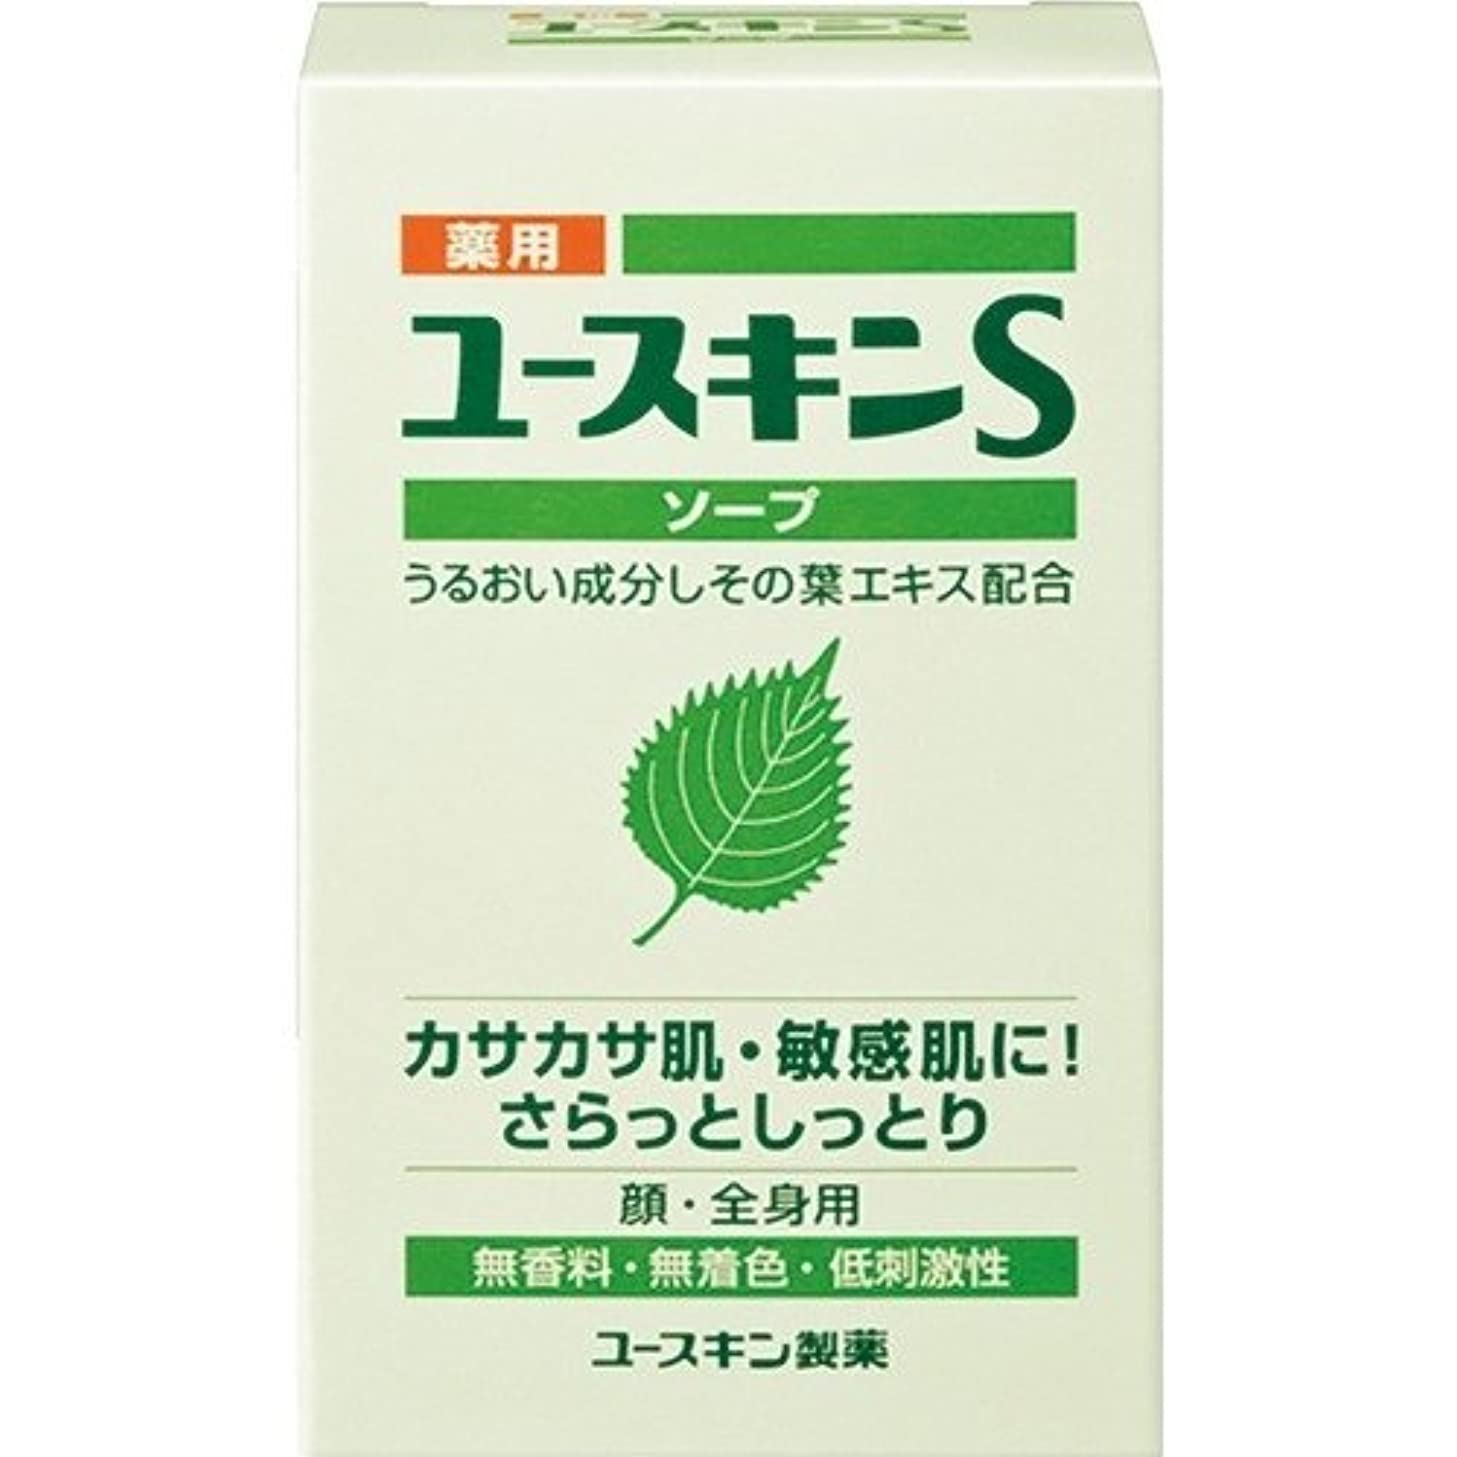 パーツ戸棚過敏な薬用ユースキンSソープ